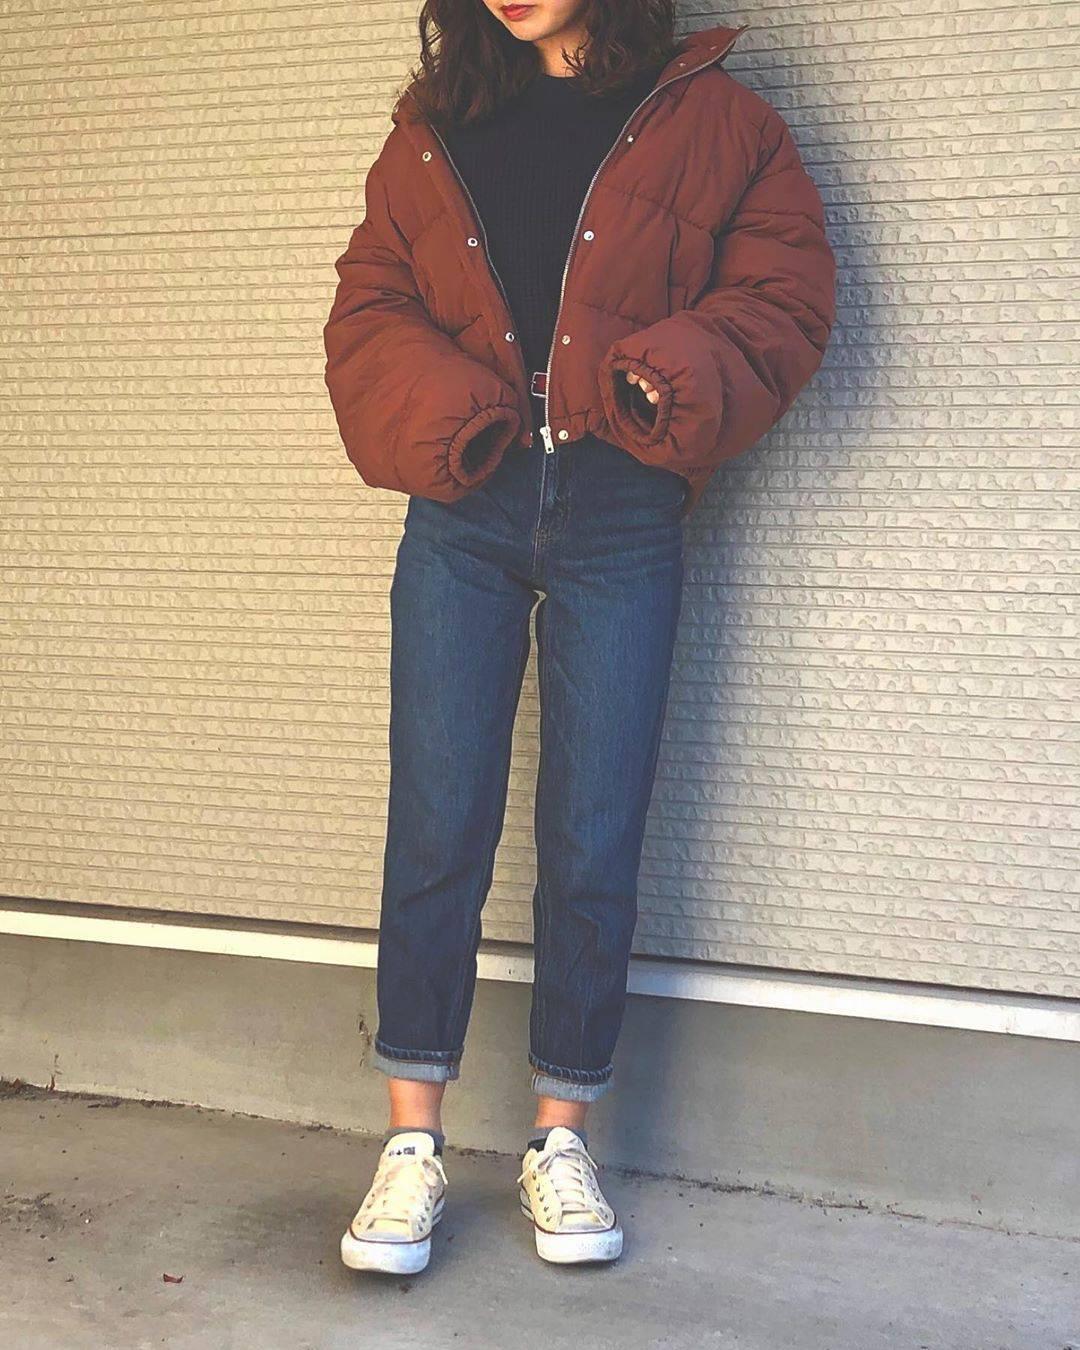 最高気温10度・最低気温3度 flower_22227の服装